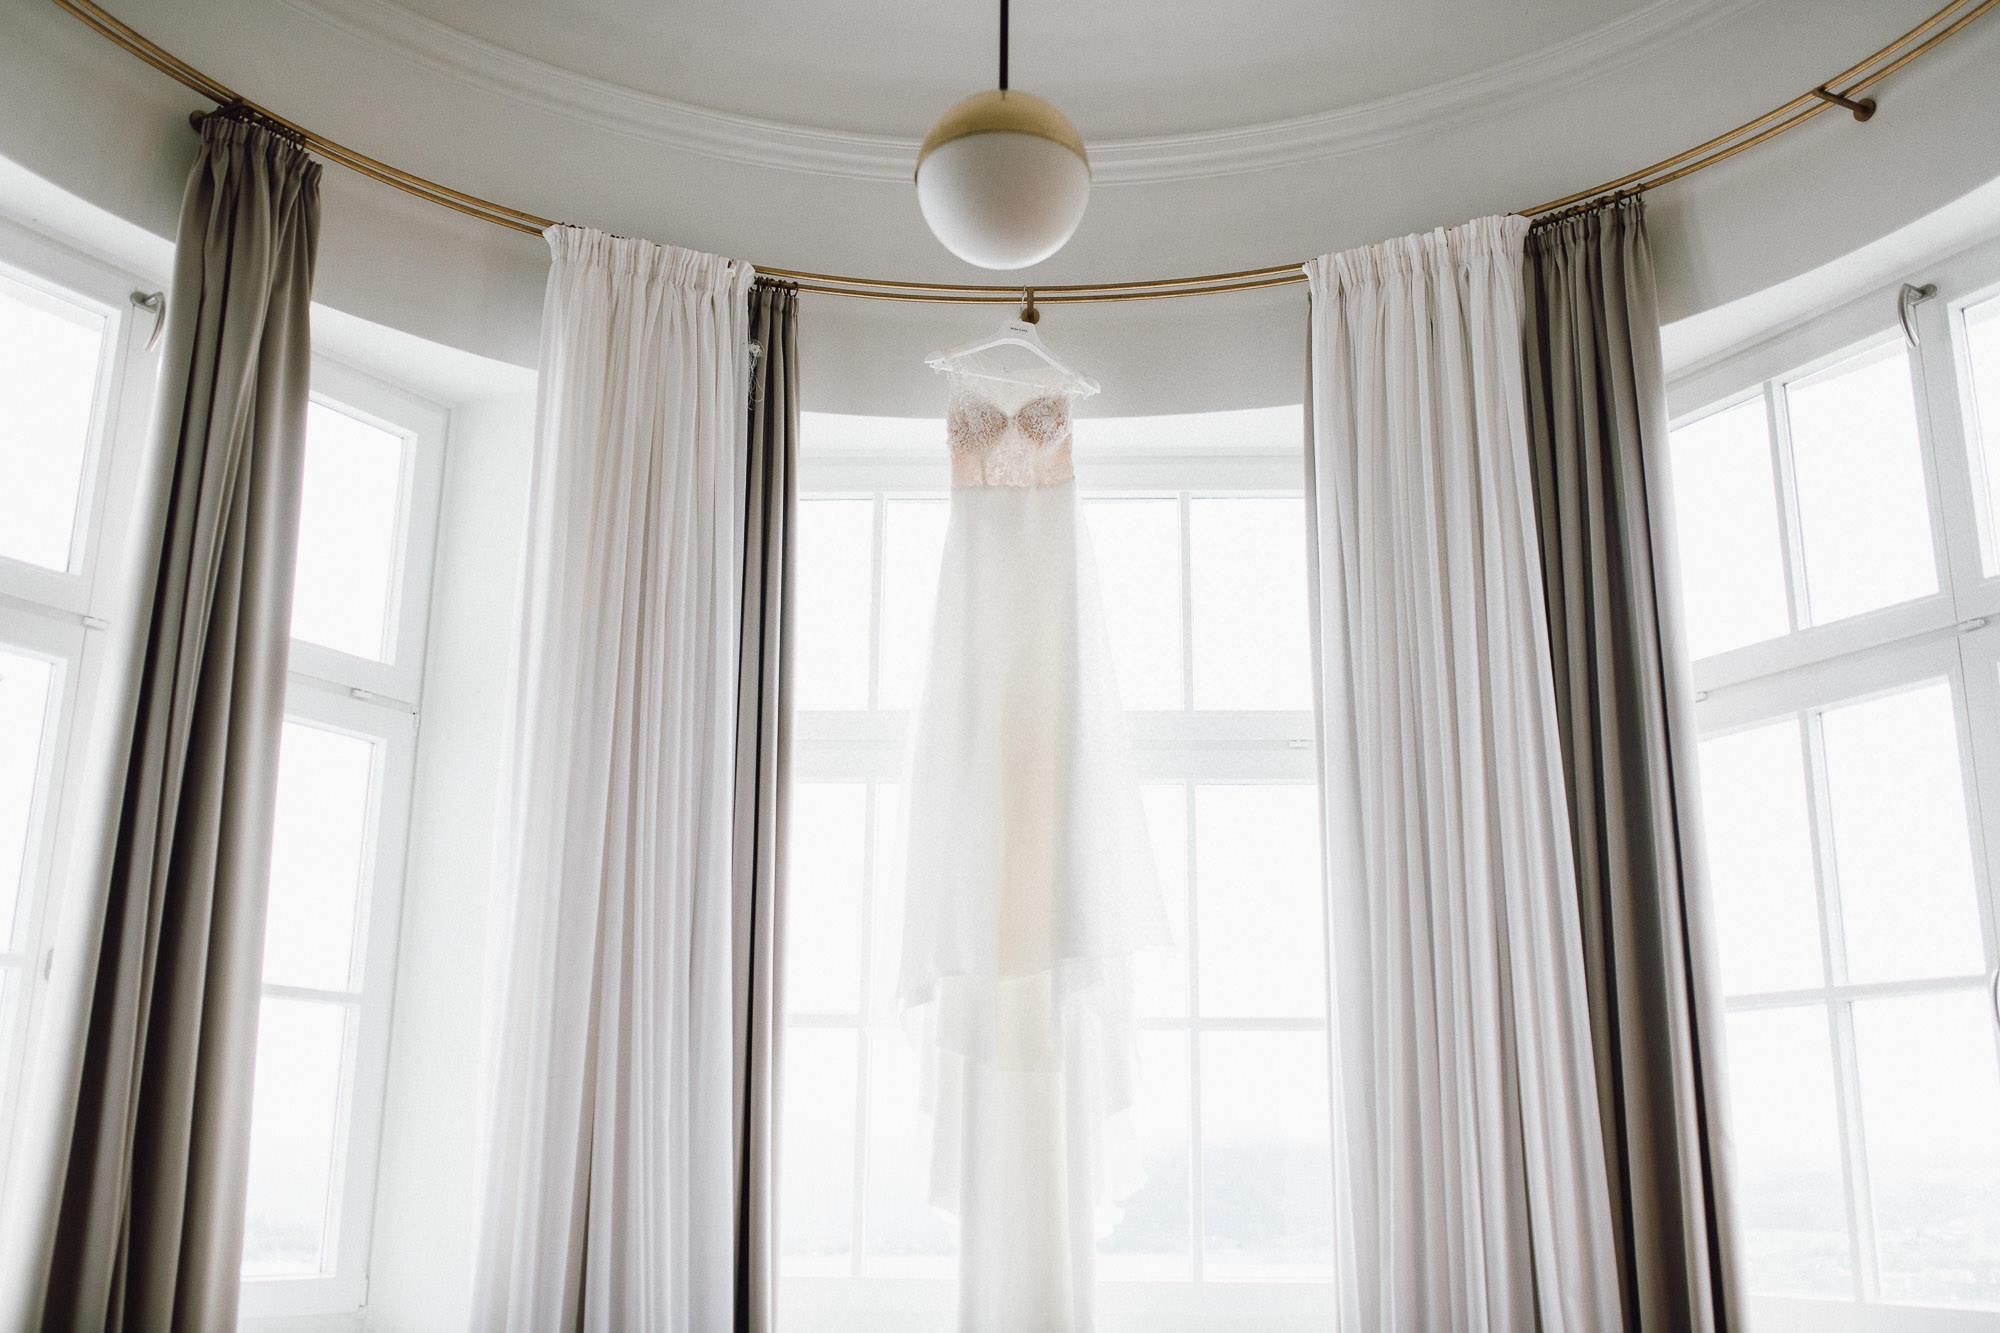 Brautkleid im Hotelzimmer